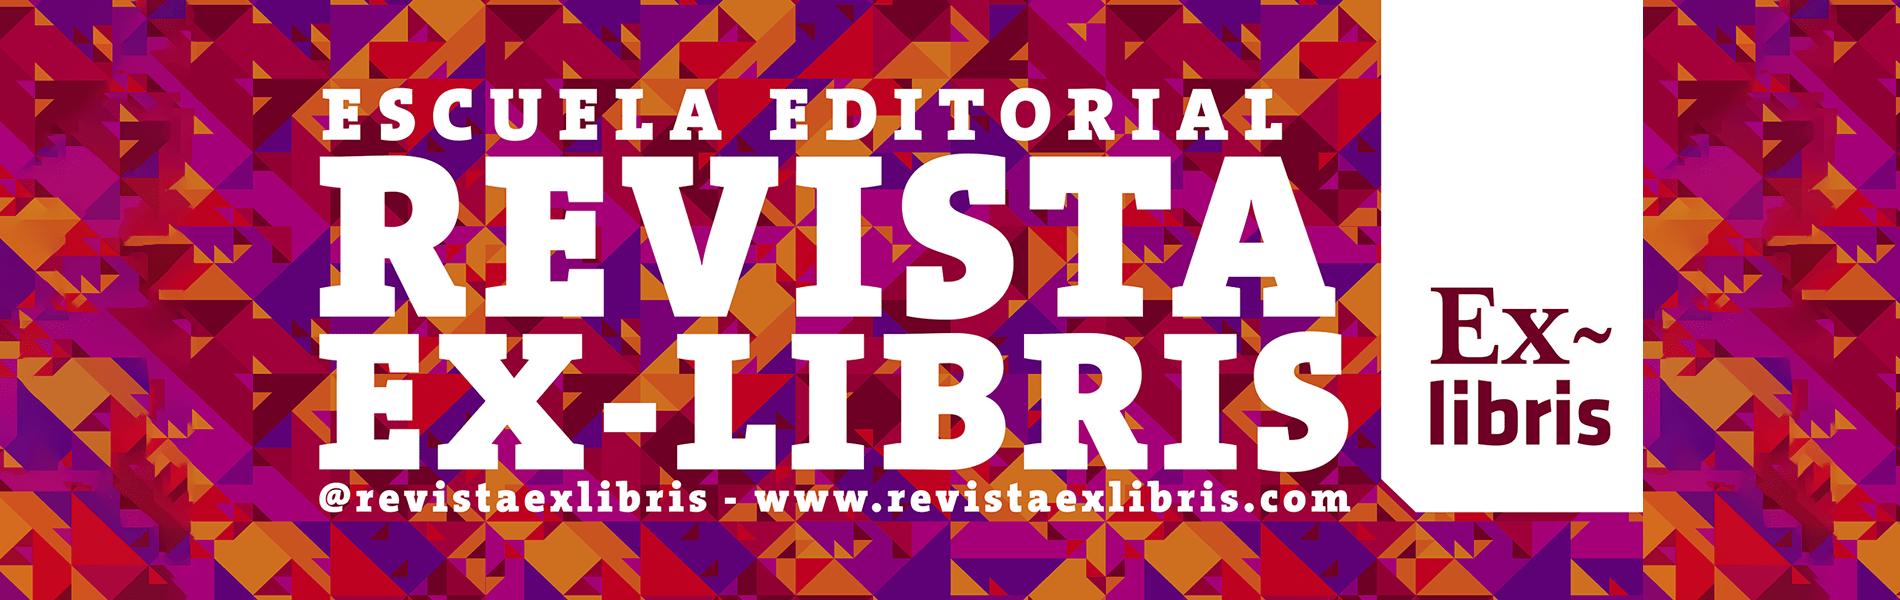 Revista Ex-libris – Escuela Editorial